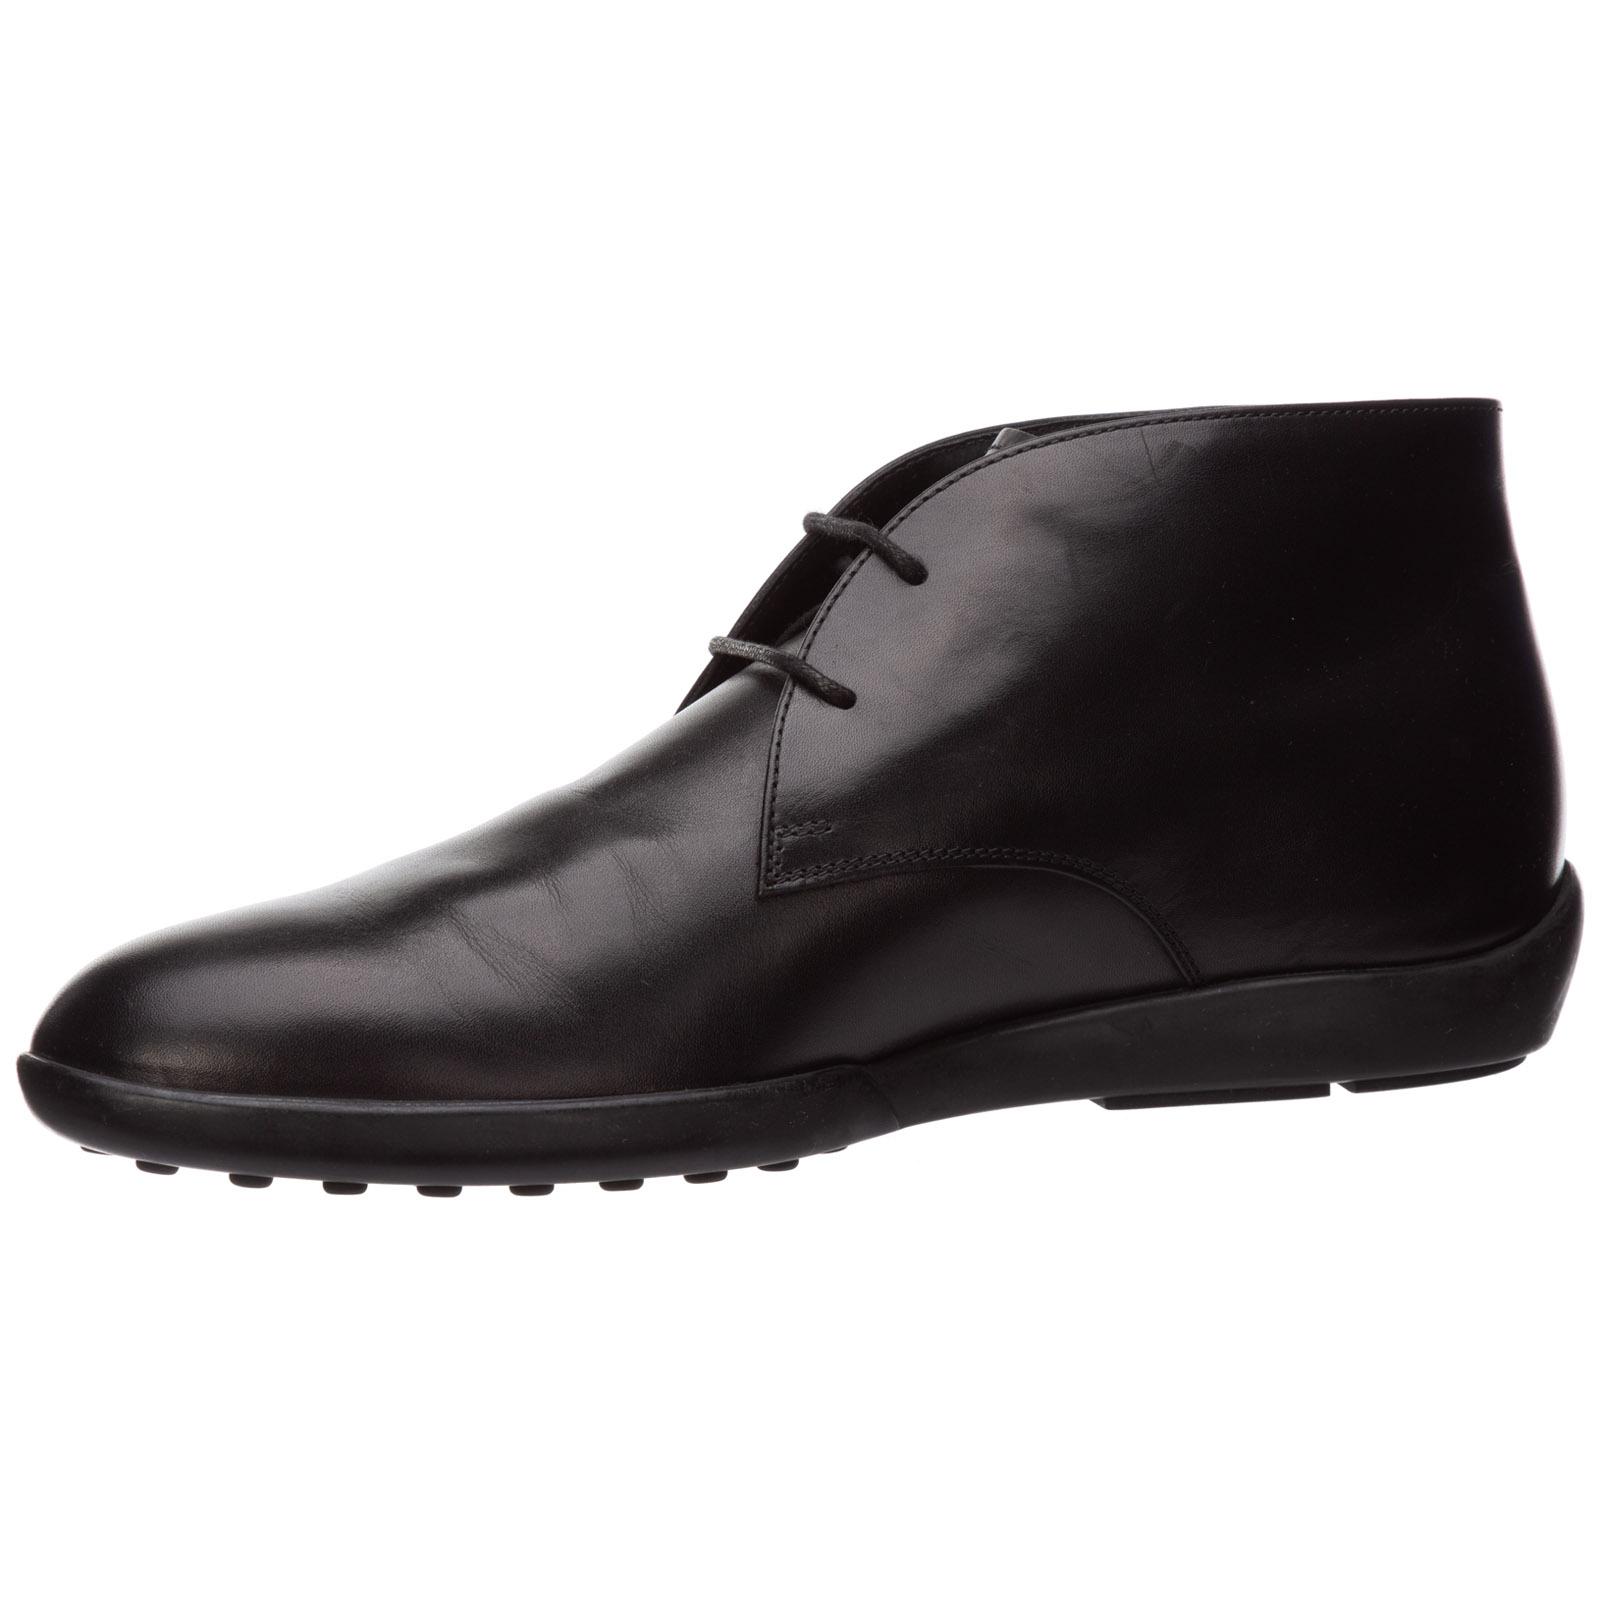 Taglia scarpe 7 a cosa corrisponde